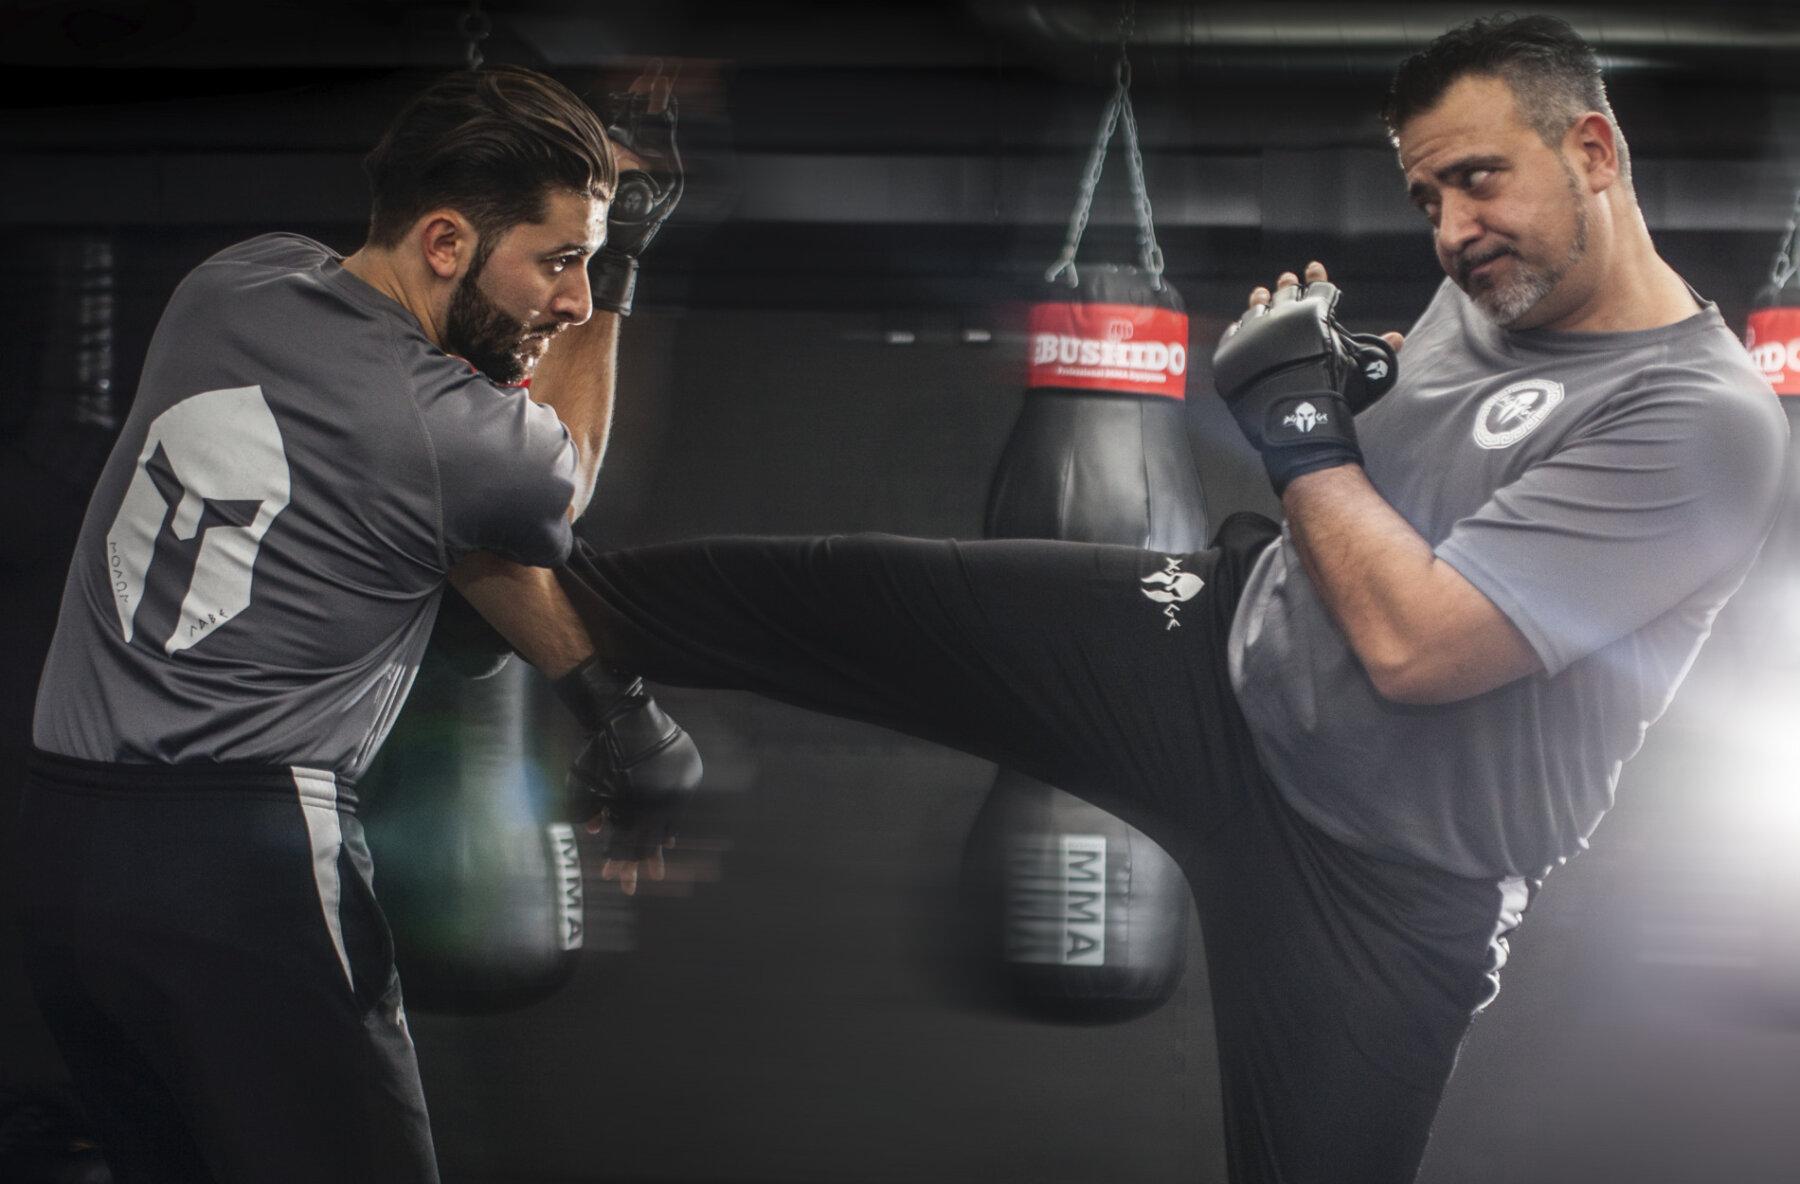 selbstverteidigung winnenden kampfsport wingtsun kravmaga mma karate kungfu